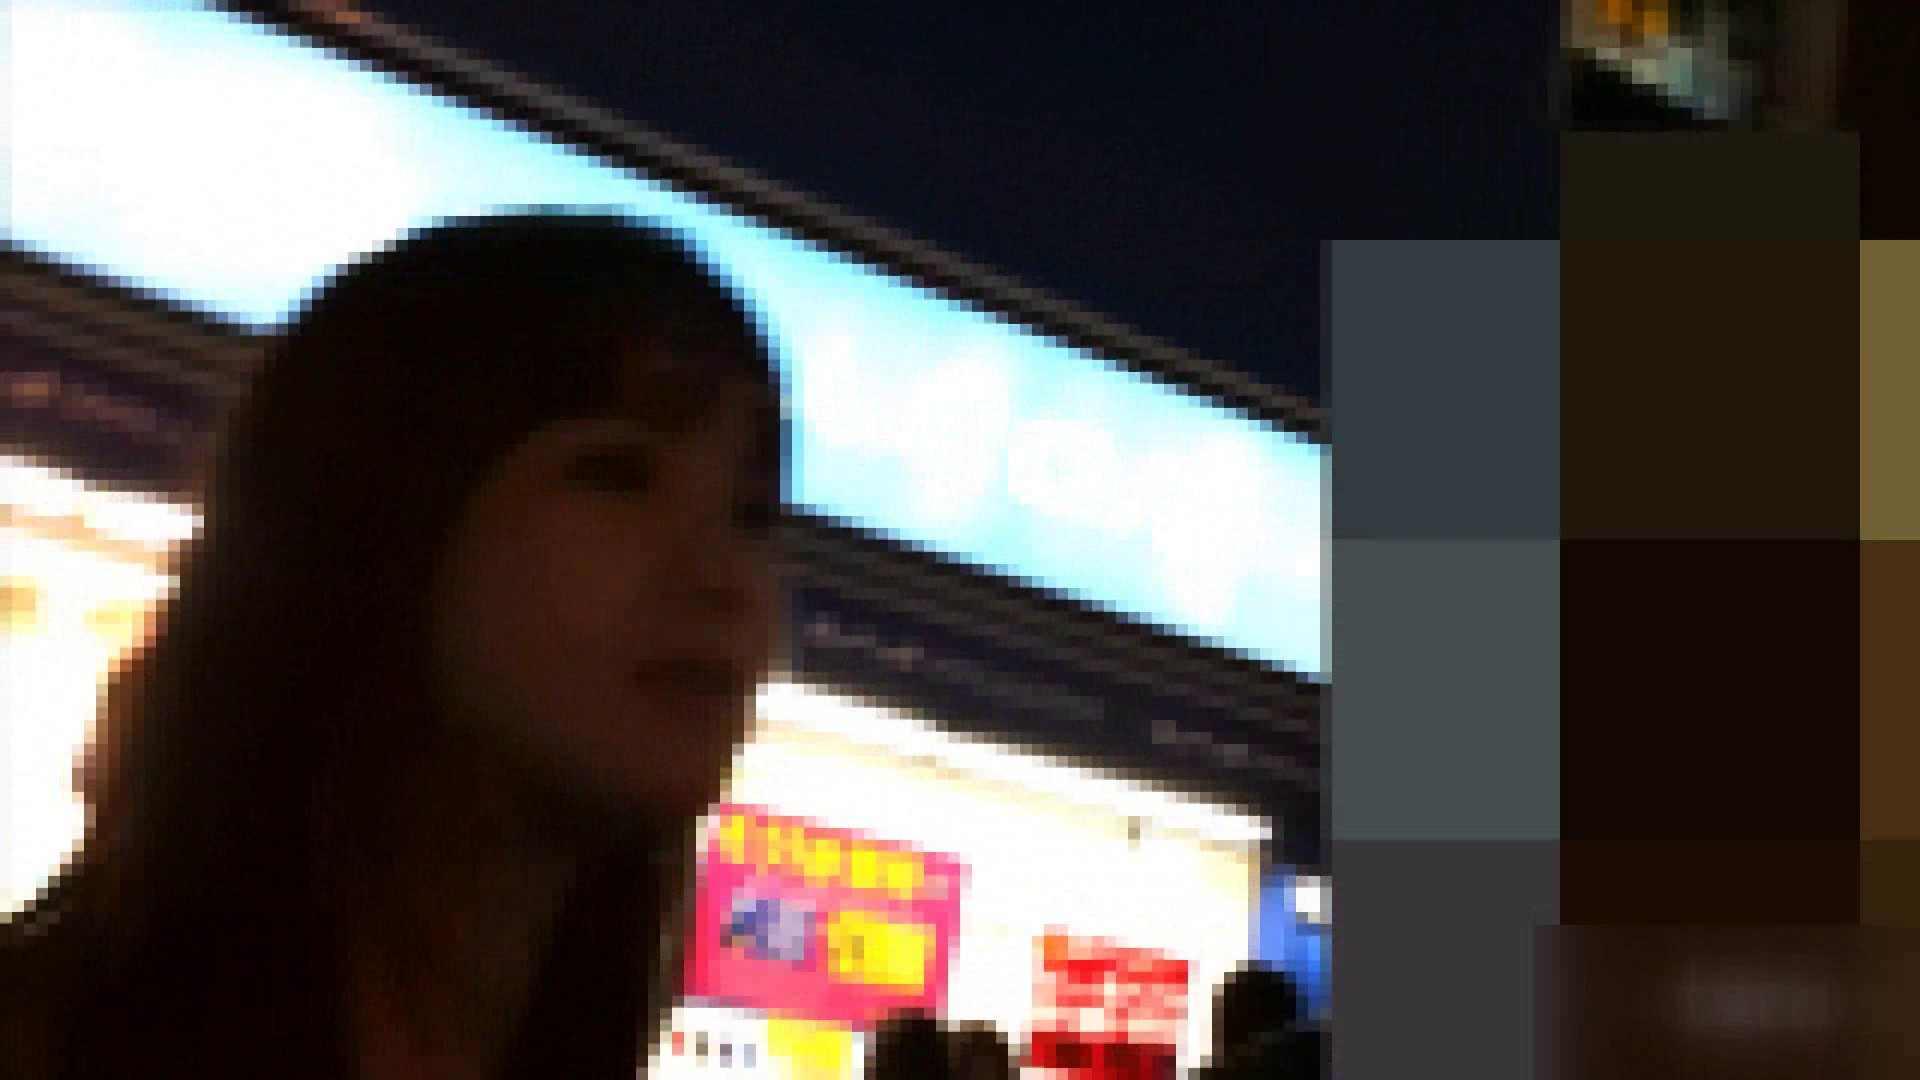 ガールズパンチラストリートビューVol.013 美女OL セックス無修正動画無料 84連発 82